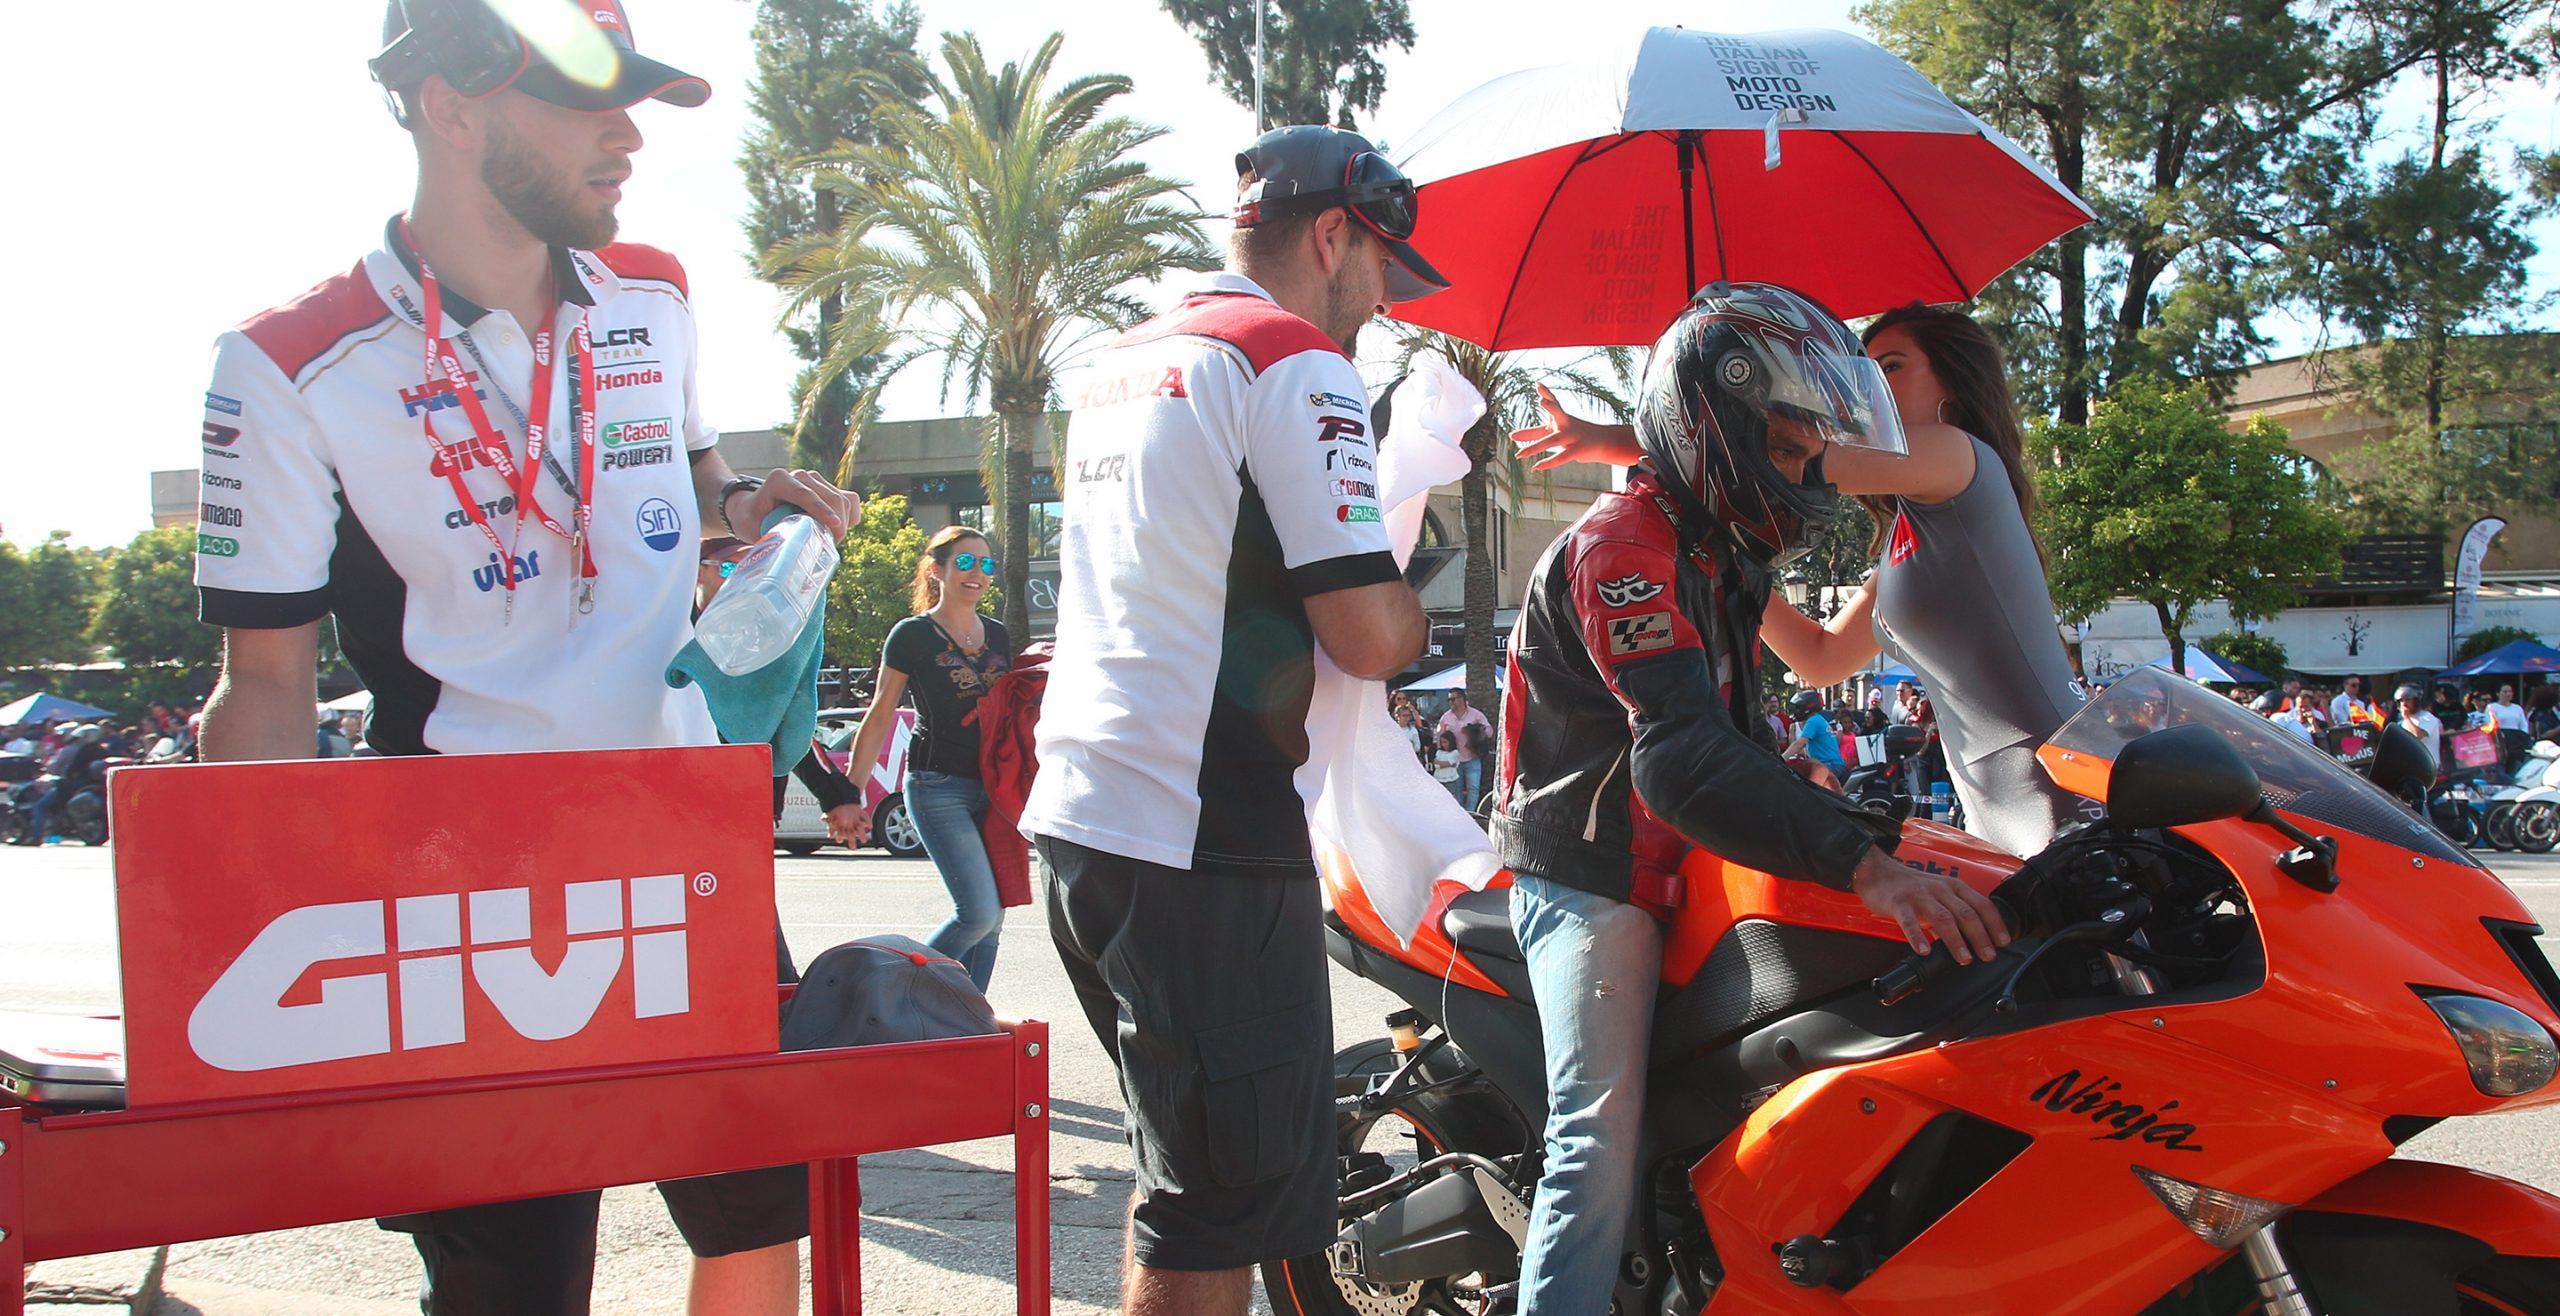 Mecánicos del LCR realizando una puesta a punto rápida para GIVI durante el Gran Premio de Jerez 2018